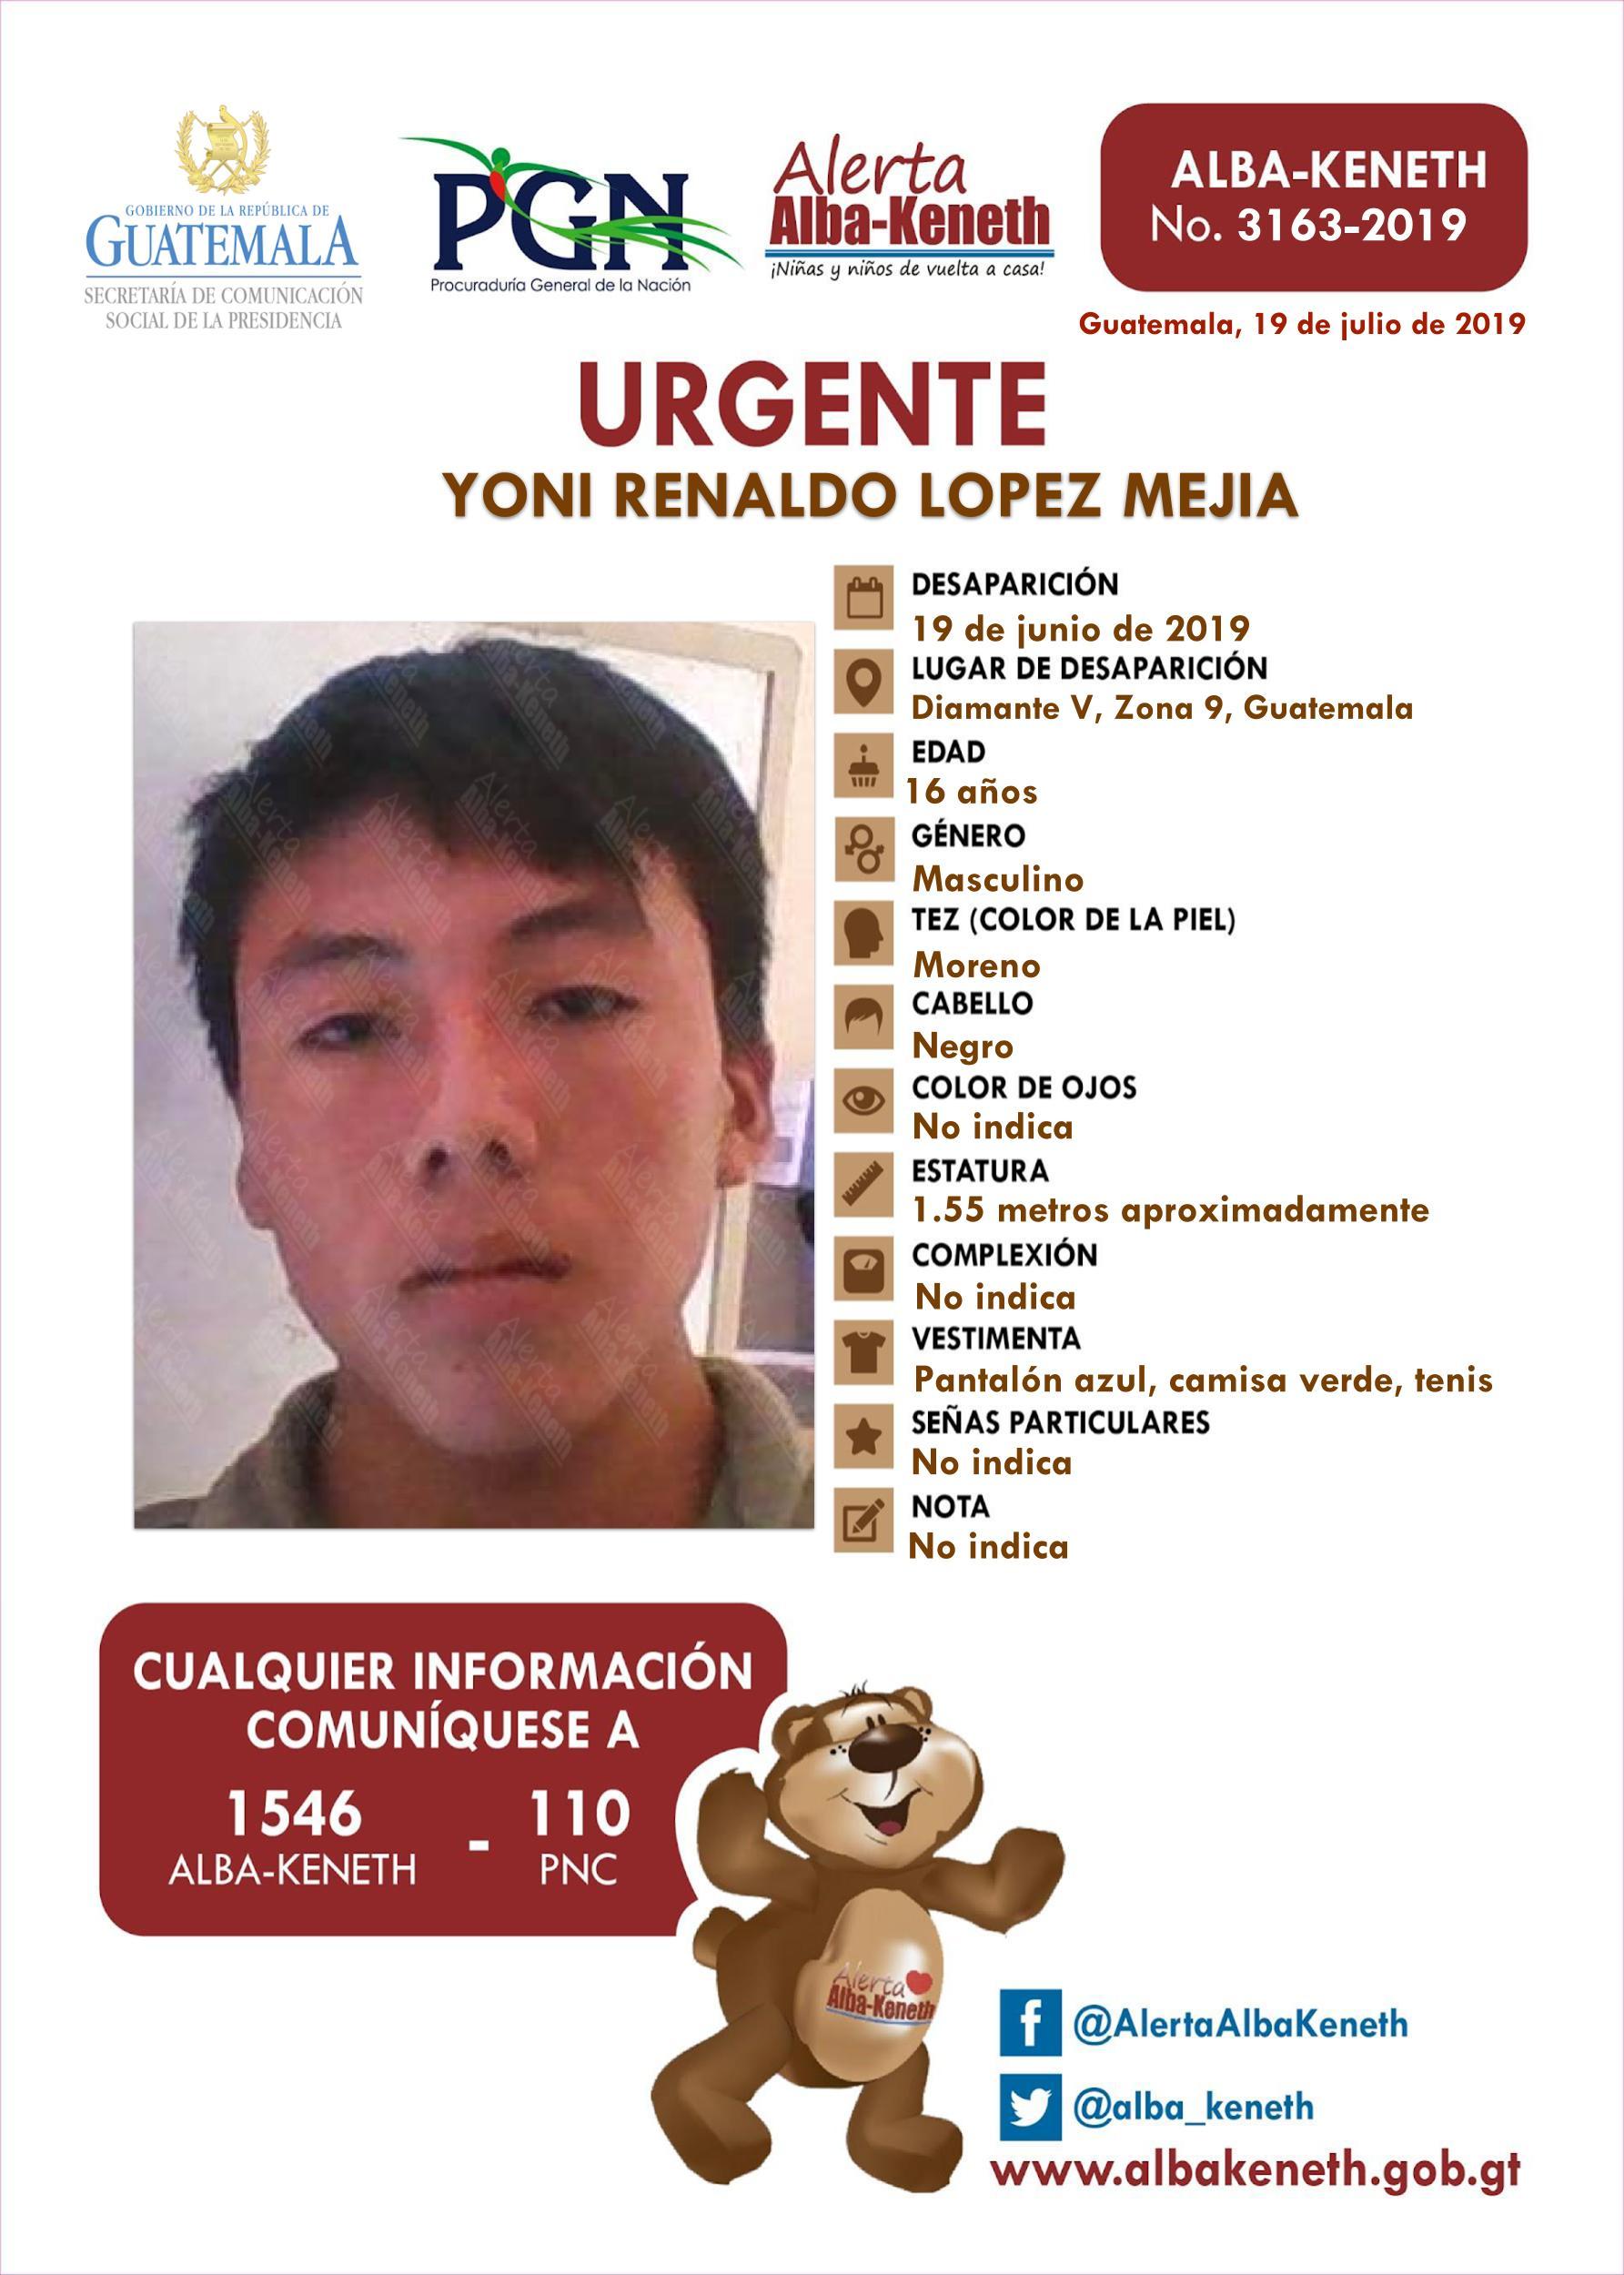 Yoni Relando Lopez Mejia